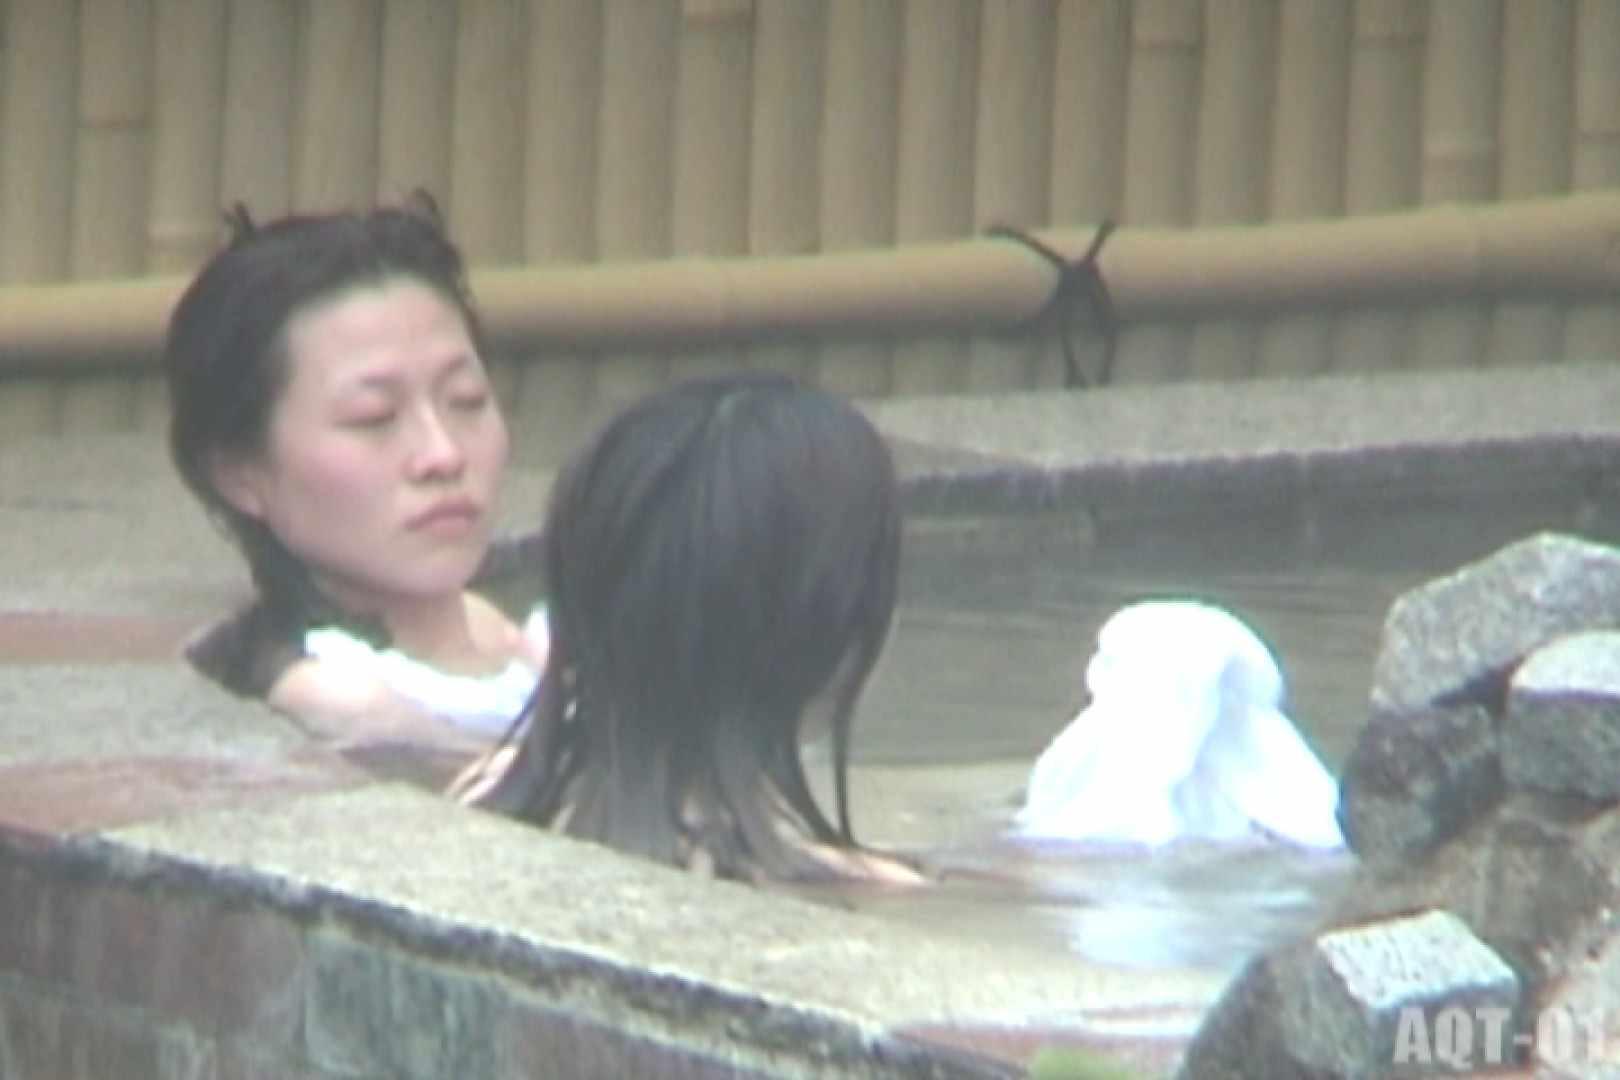 Aquaな露天風呂Vol.715 盗撮 | OLのエロ生活  77連発 7